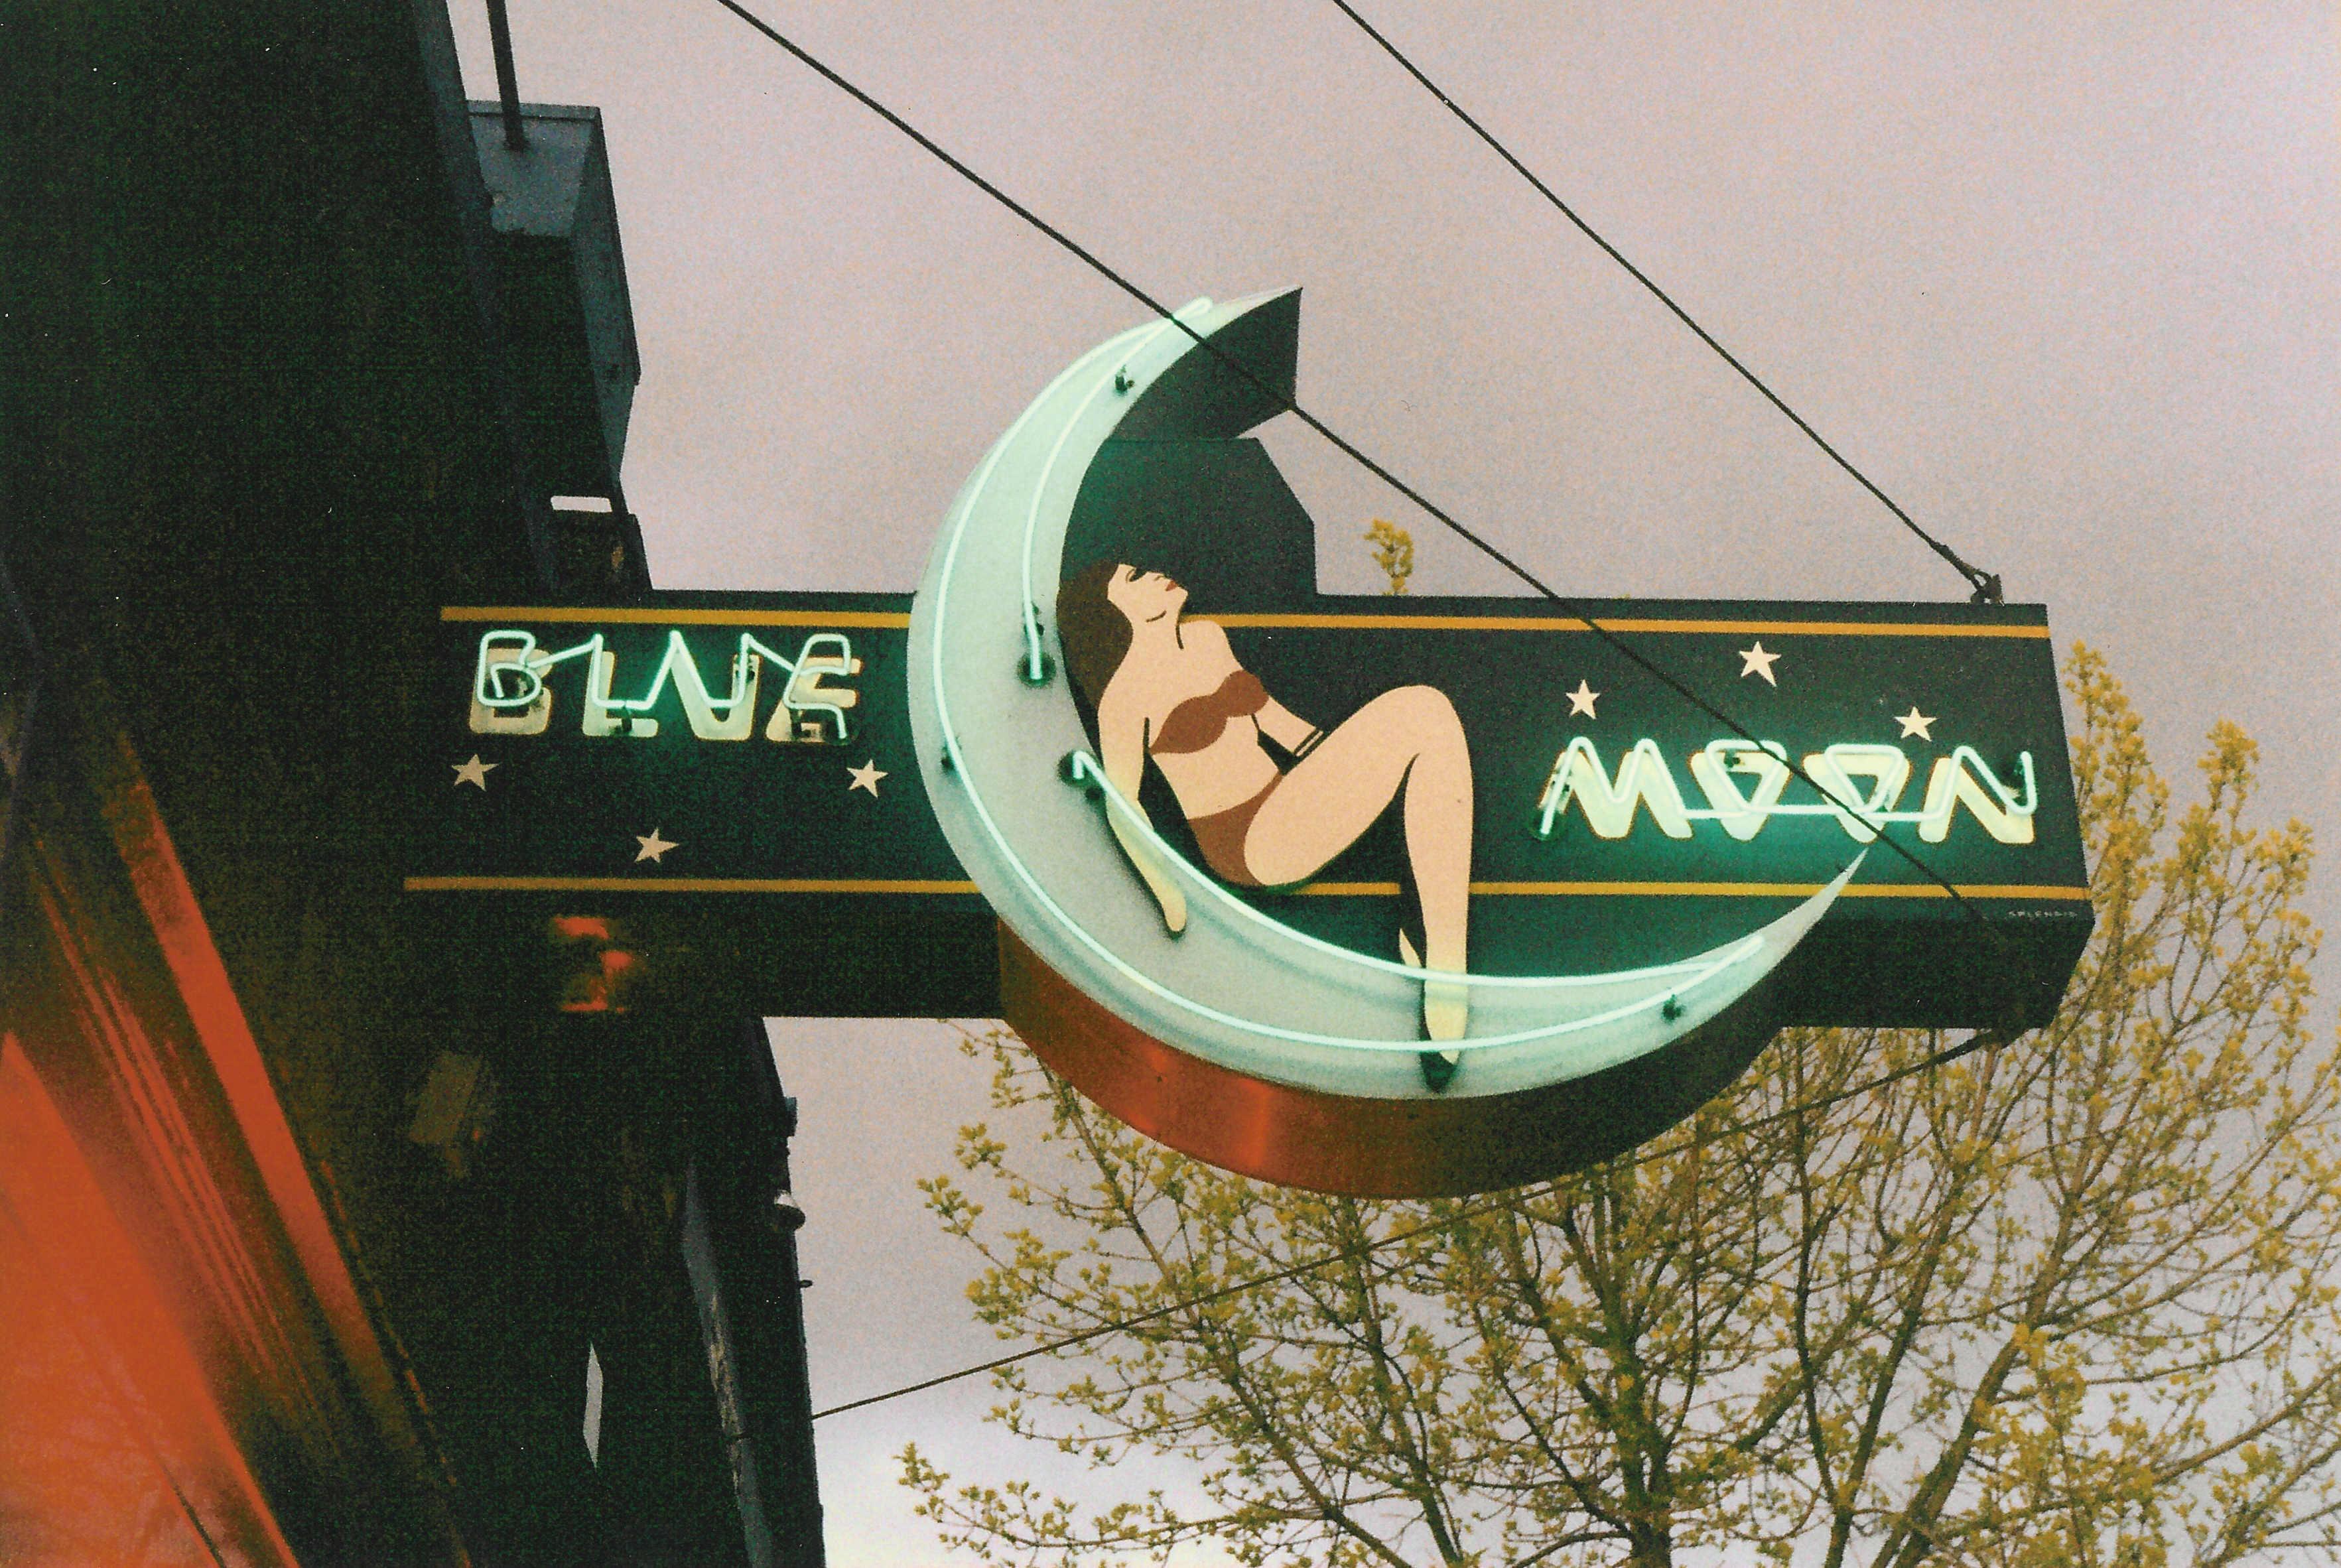 Blue Moon Tavern - Wikipedia